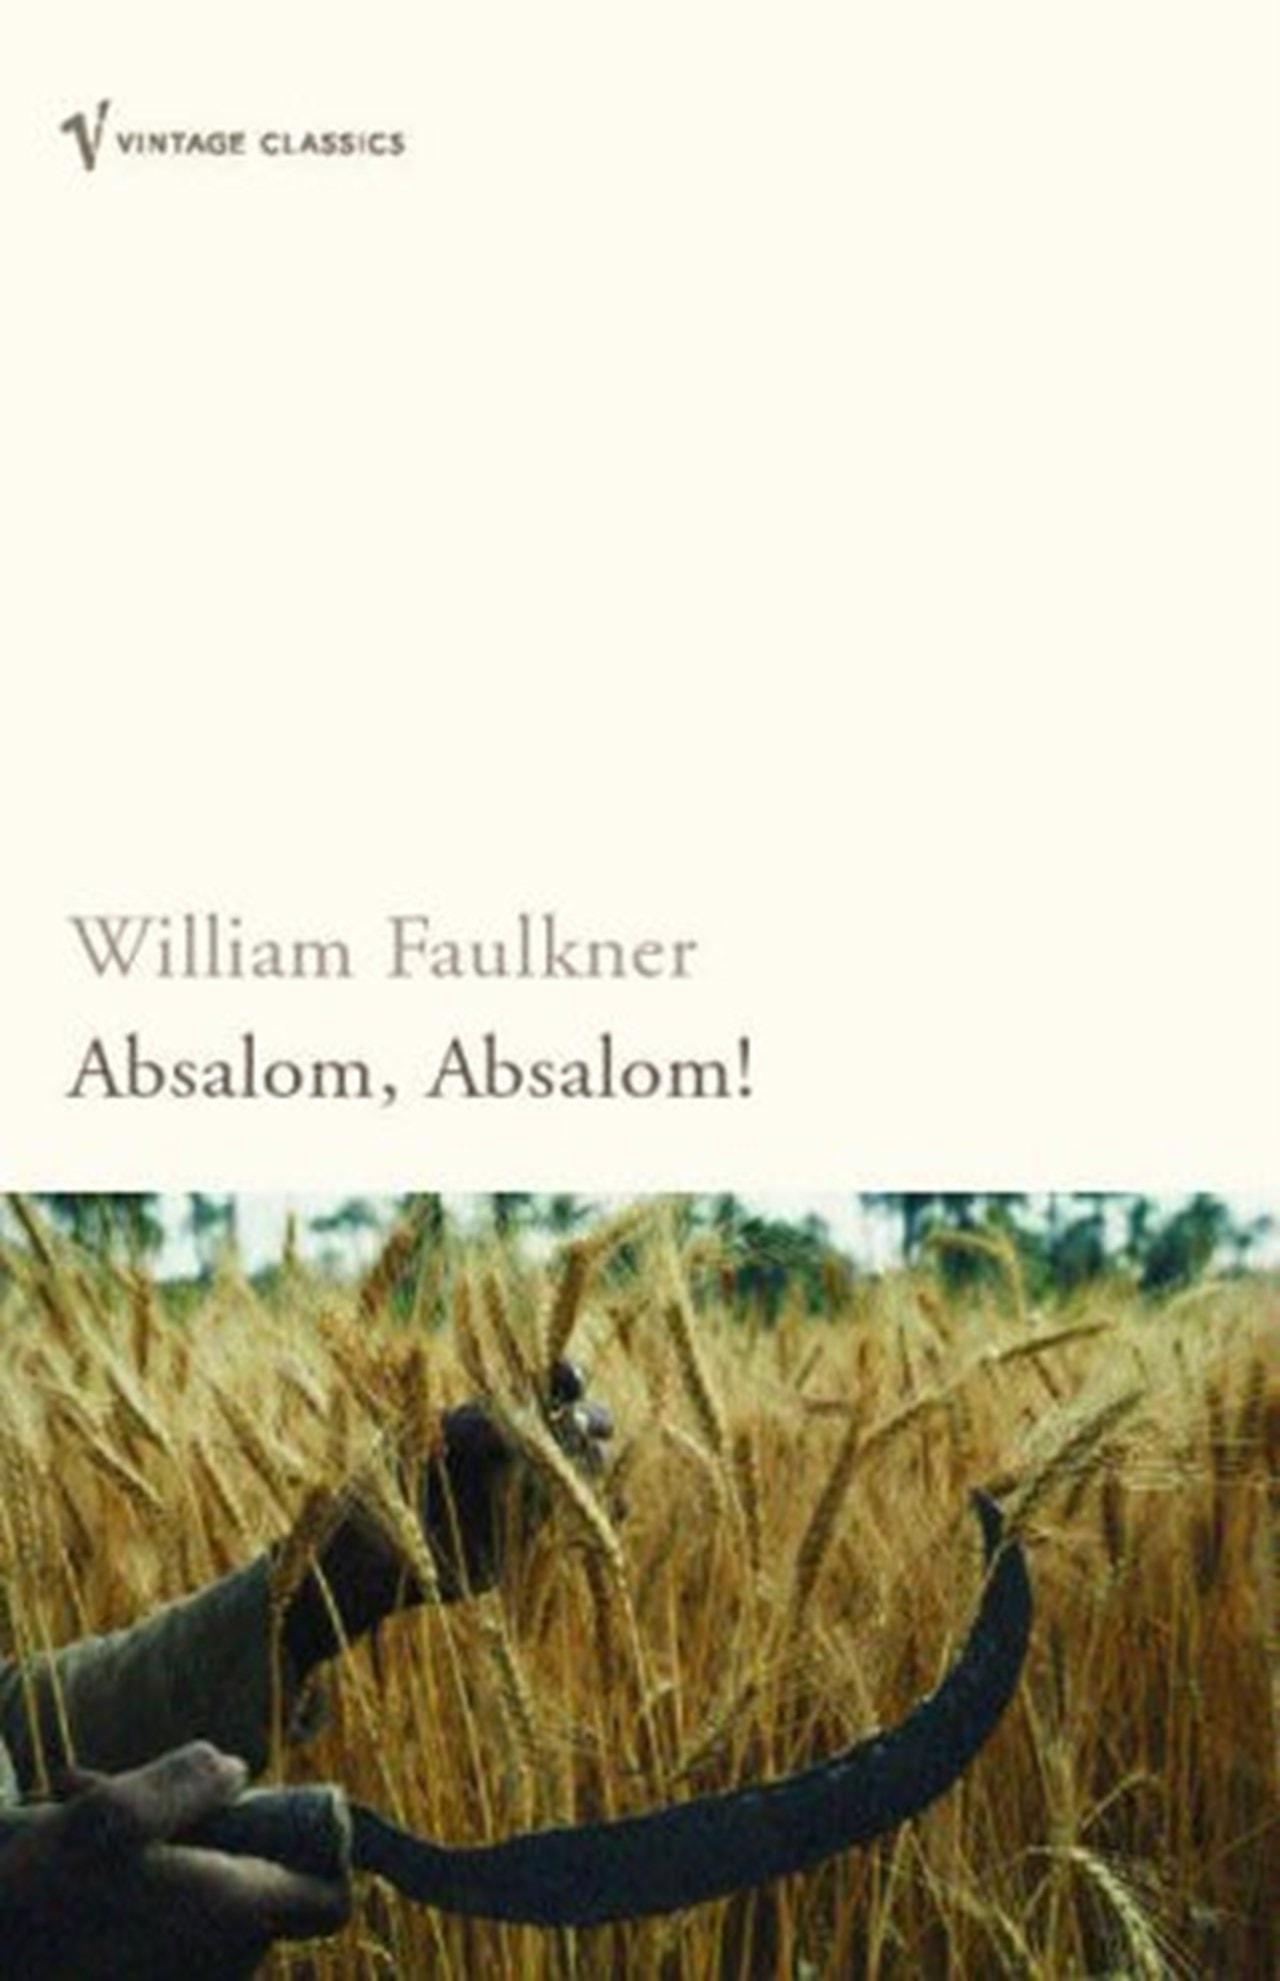 Absalom, Absalom - 1